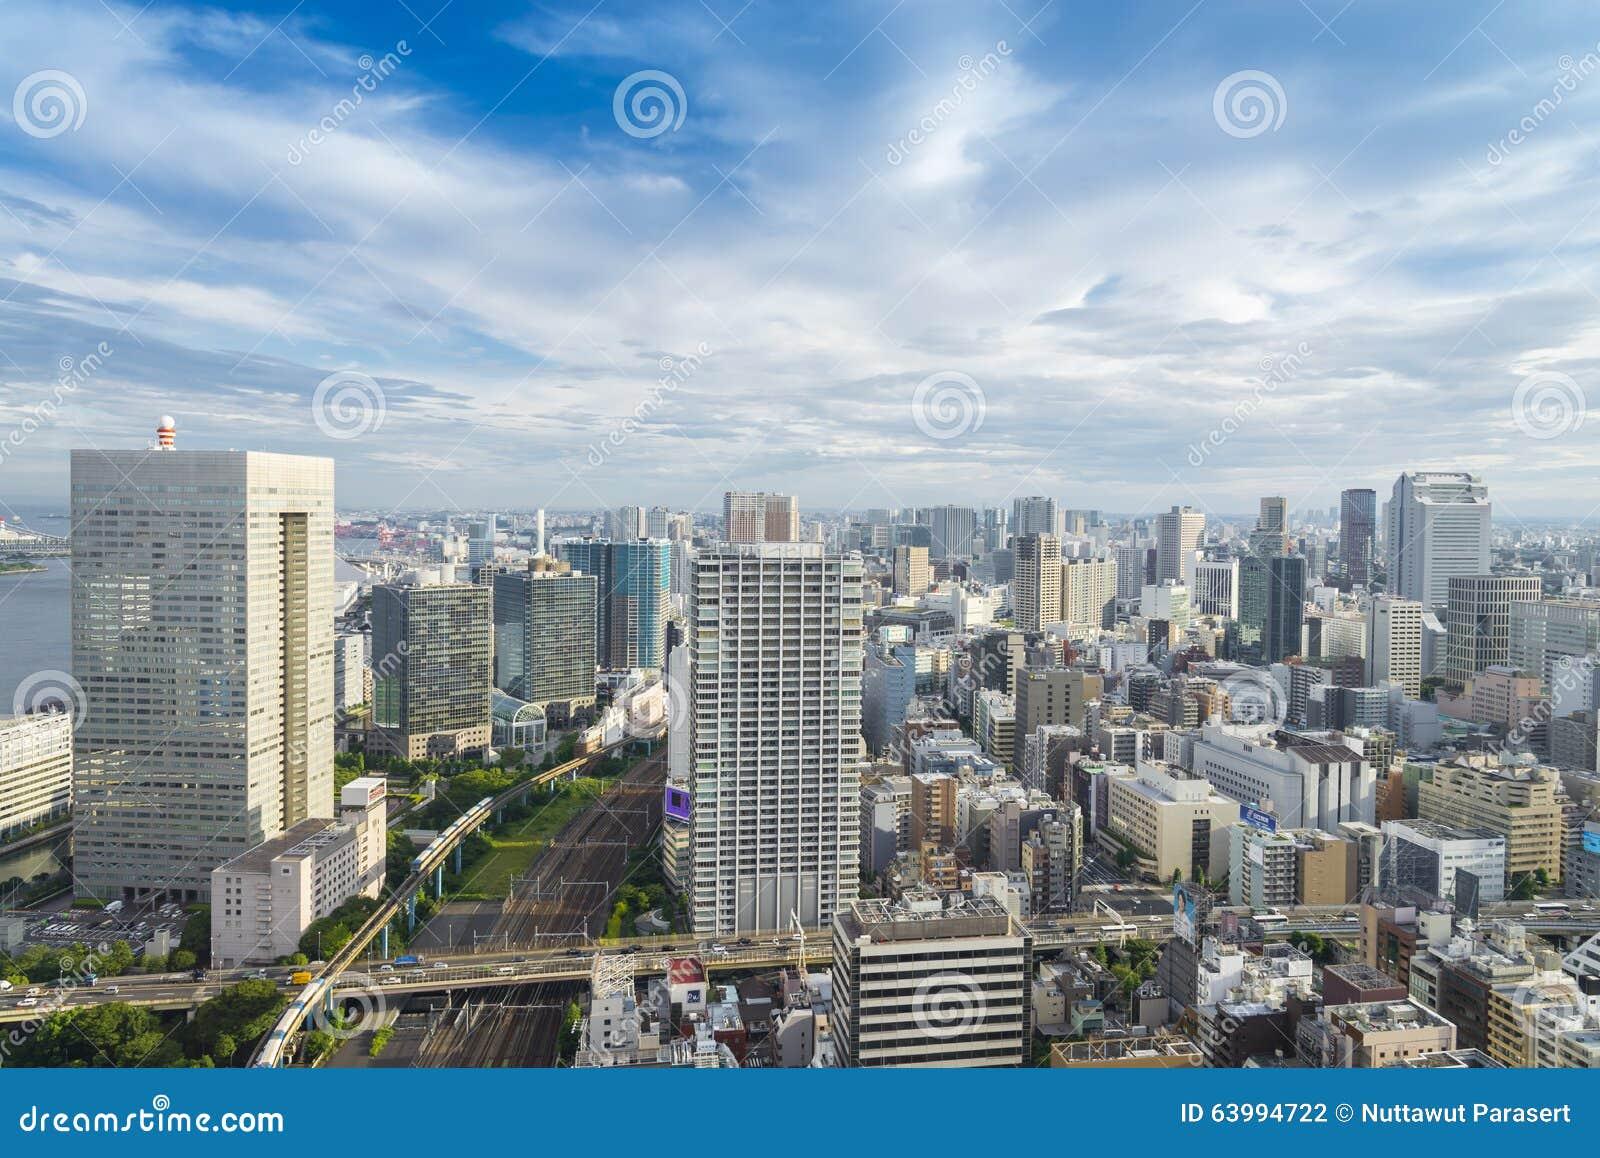 Horizon de tokyo paysage urbain de ville de tokyo japon for Paysage de ville